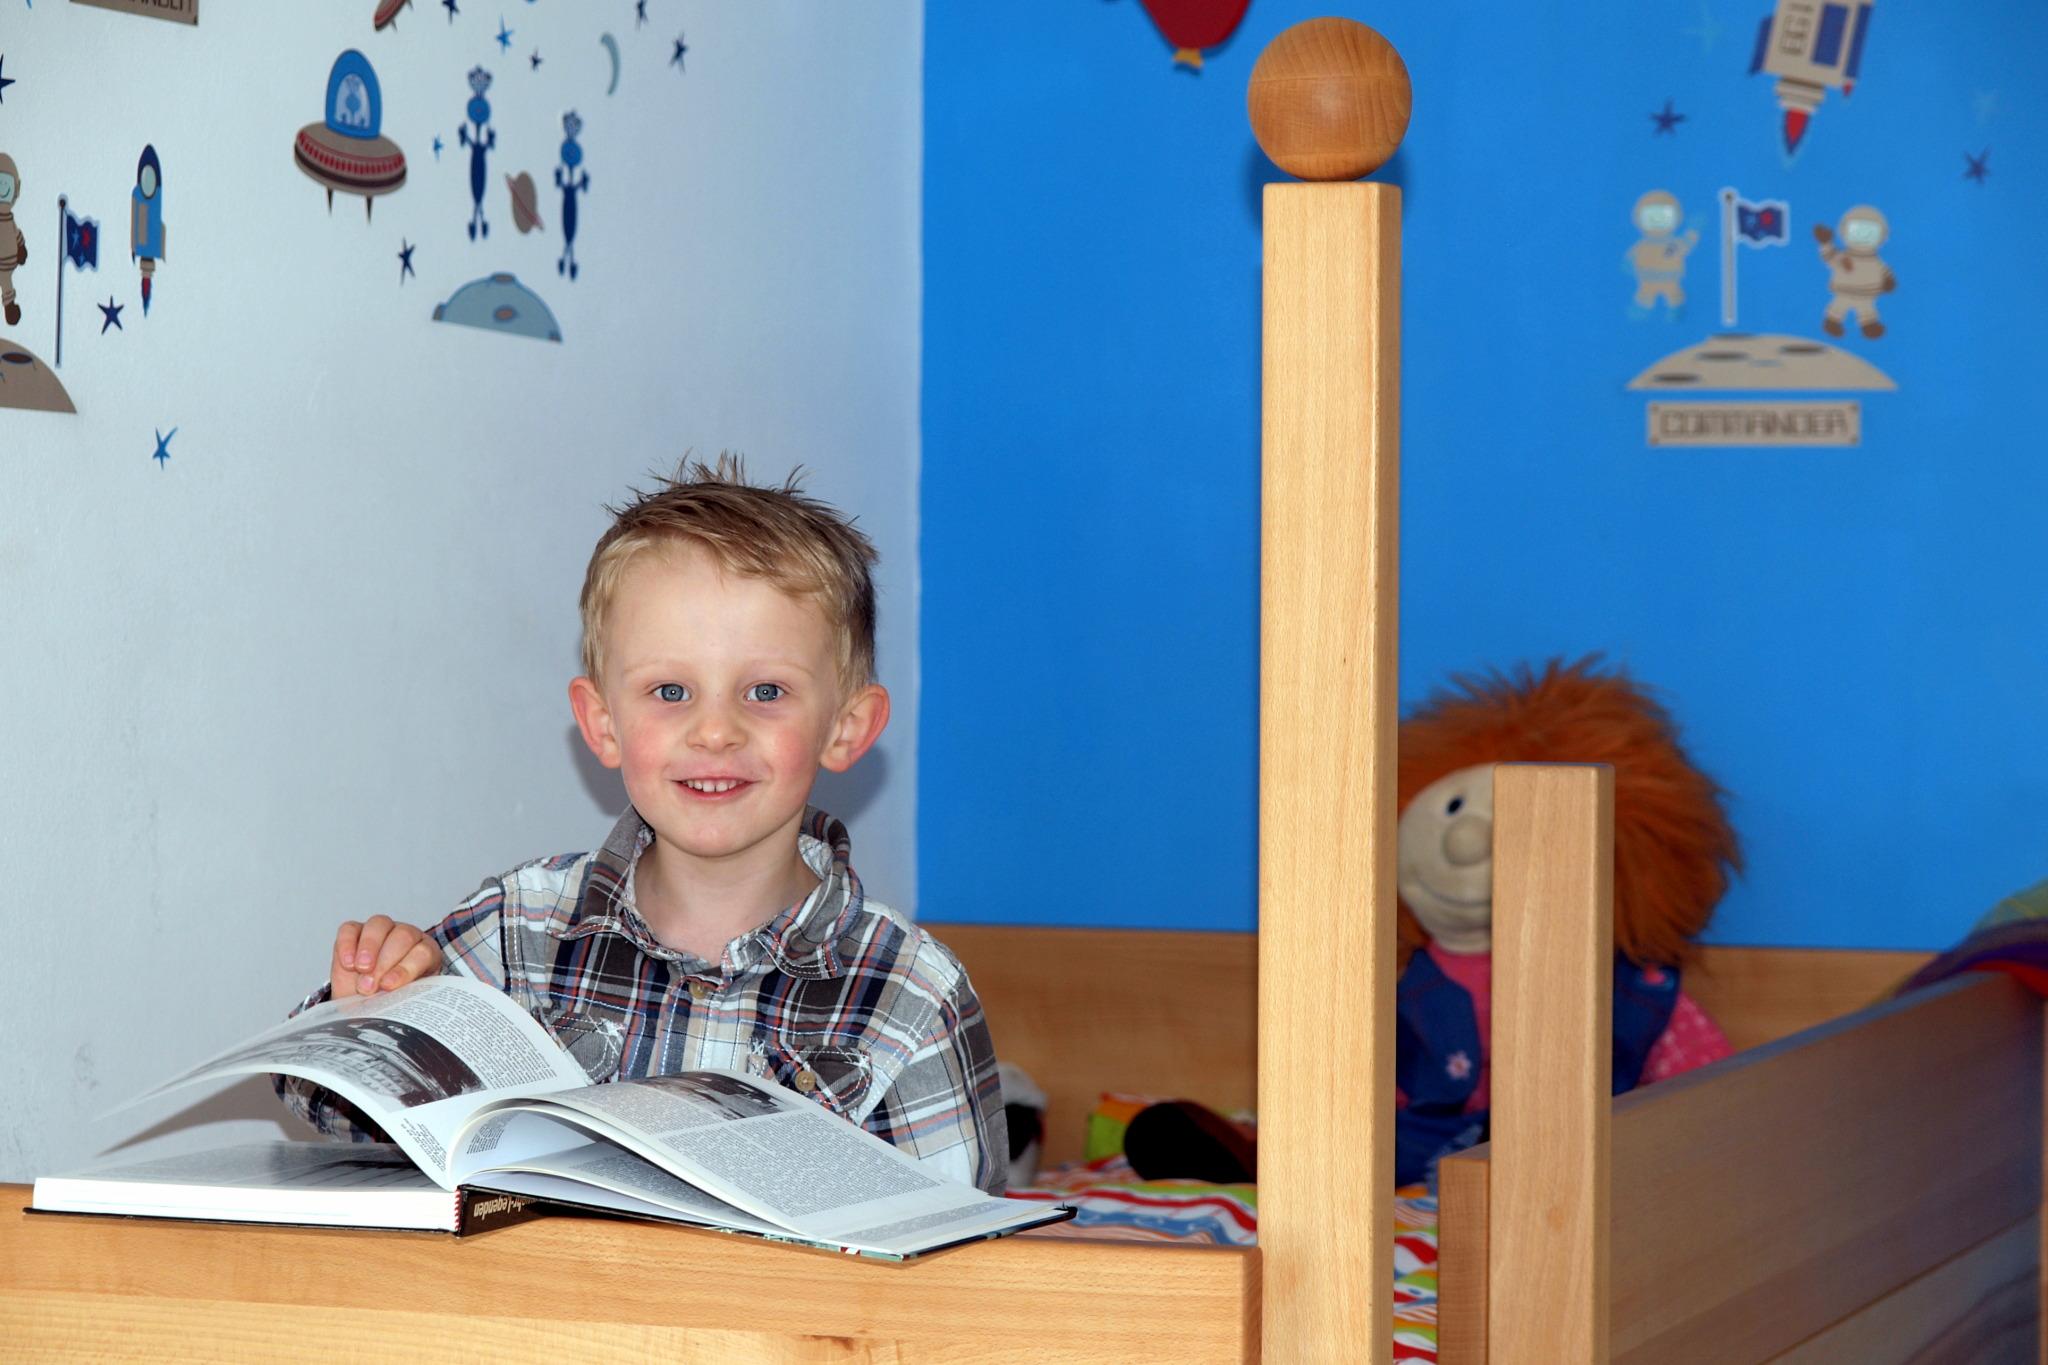 Kinder jugendzimmer die m belmacher - Die mobelmacher ...